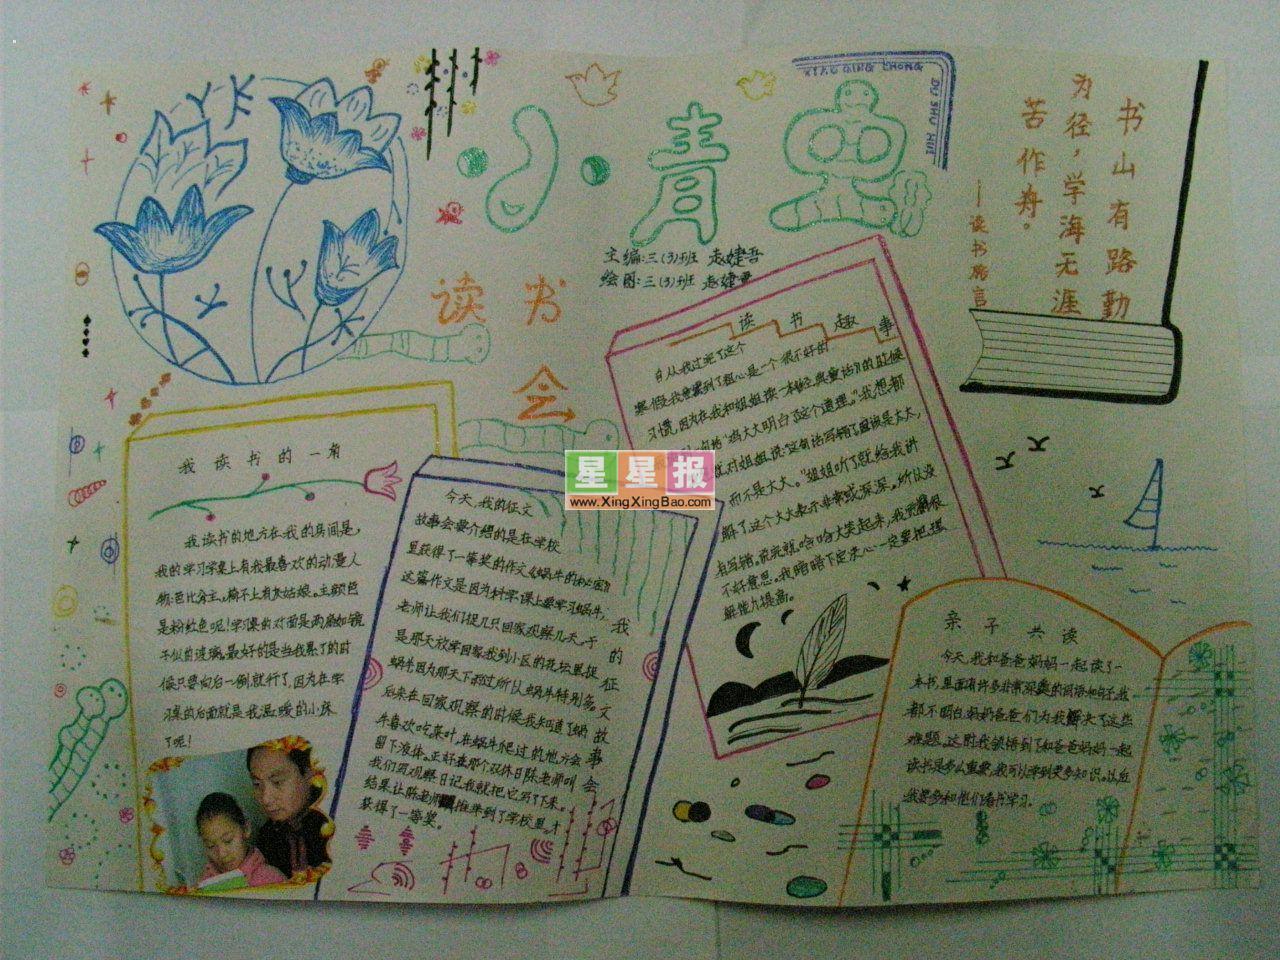 读书手抄报(小青虫作品)画报小学生苏州图片